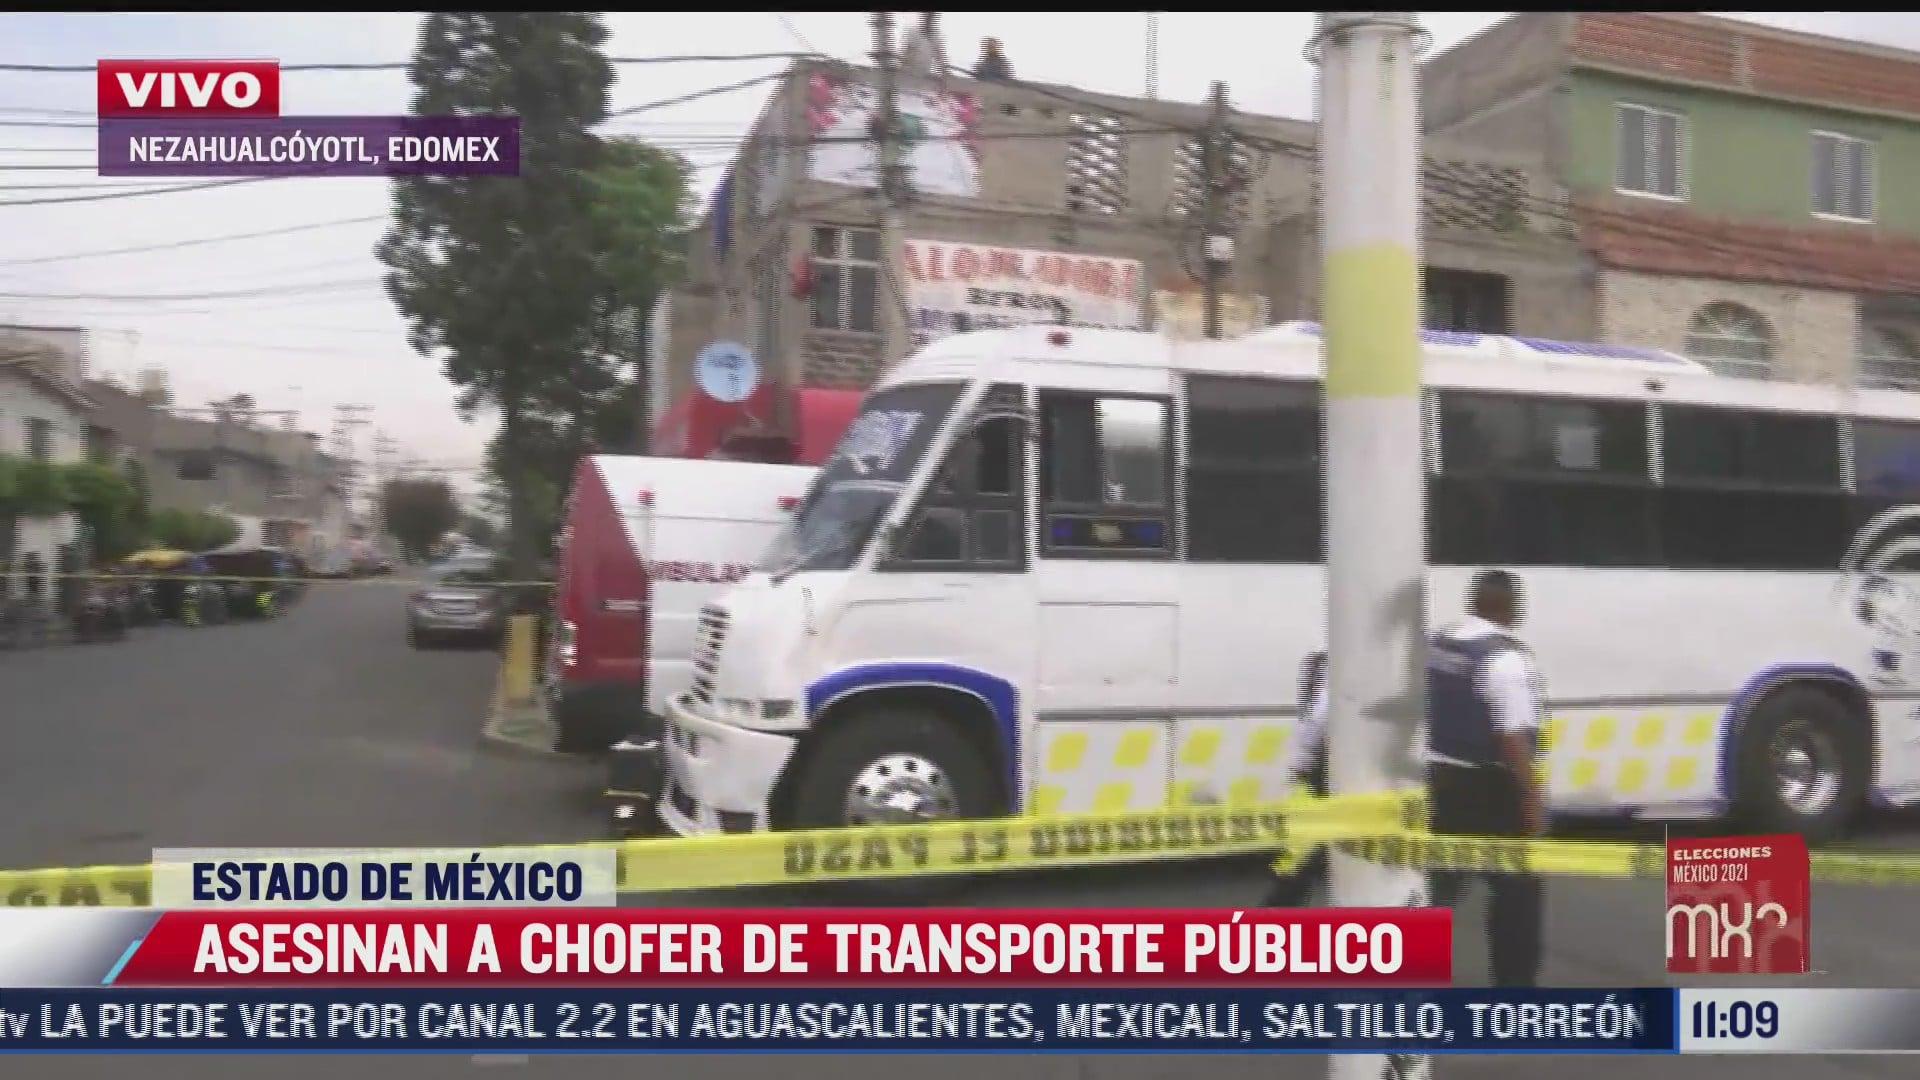 asesinan a chofer de transporte publico en nezahualcoyotl estado de mexico